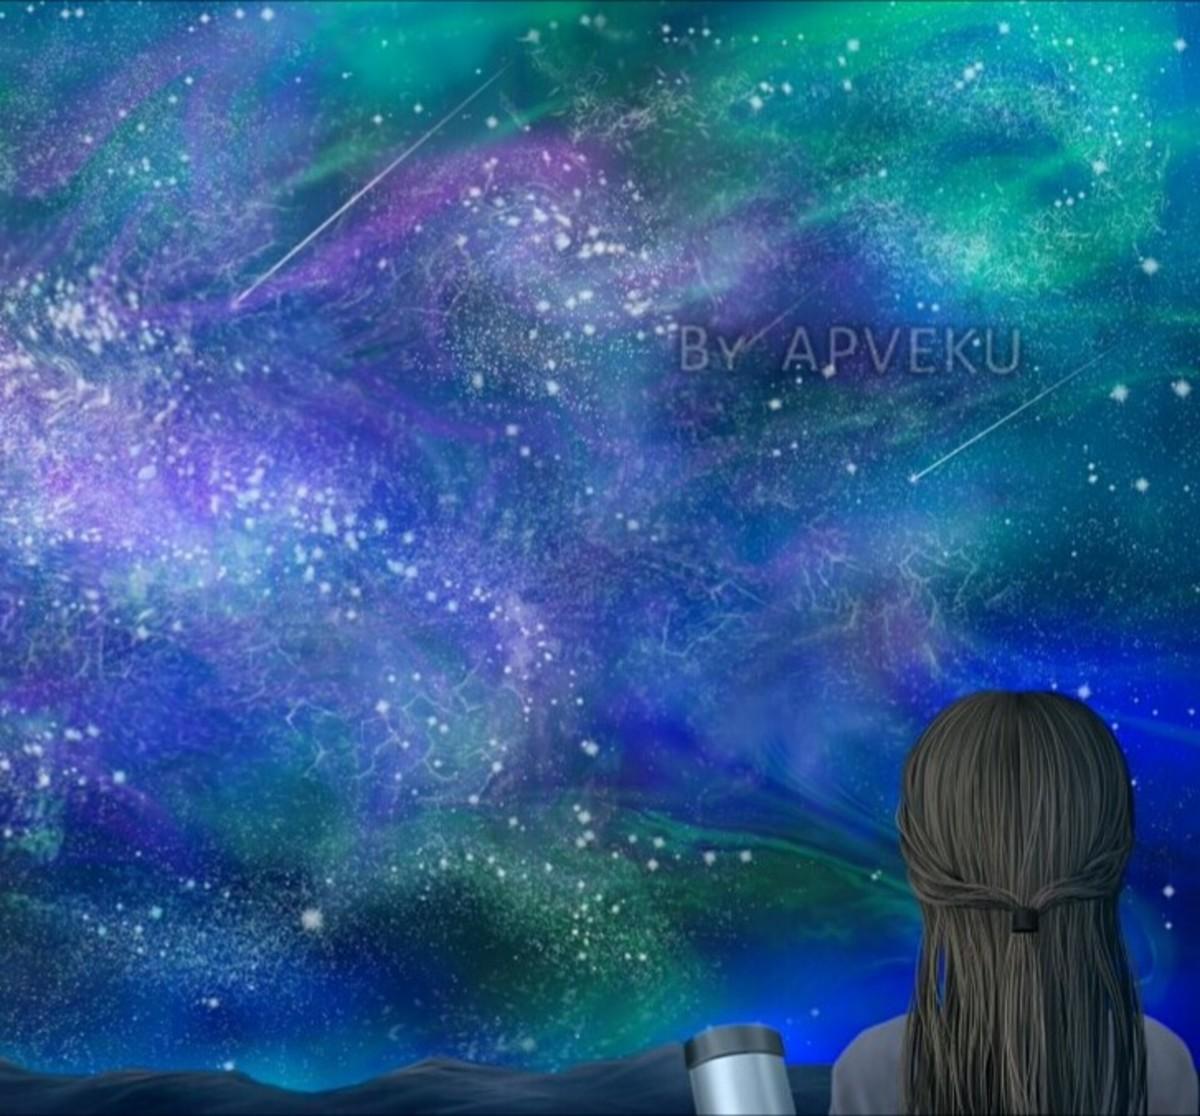 Digital Painting by Apveku